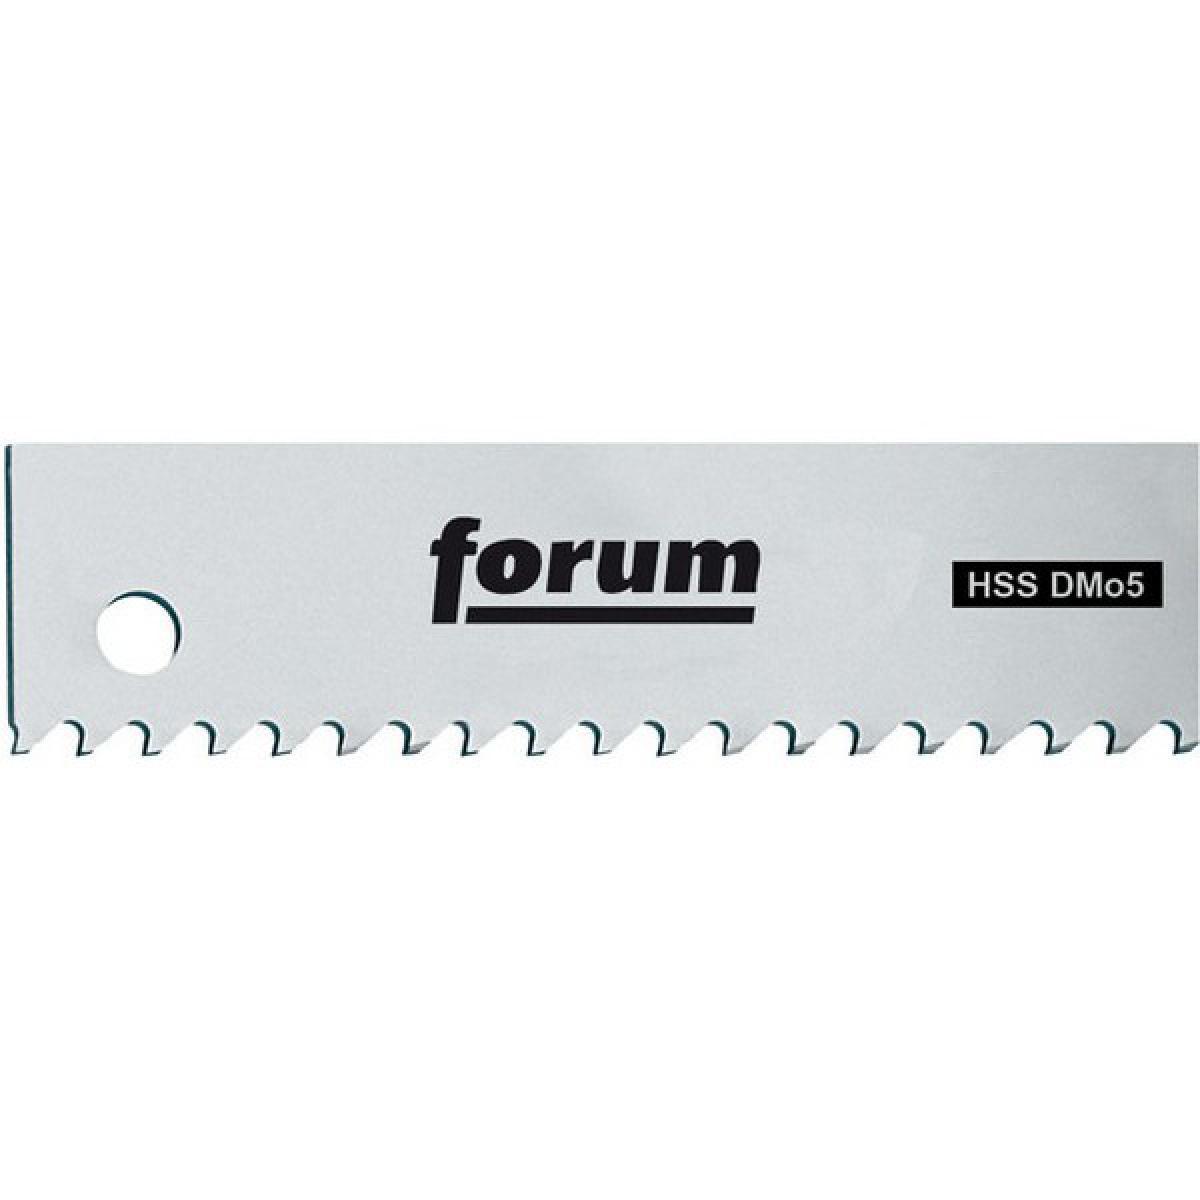 Forum Lame de scie alternative, Long. : 600 mm, Larg. : 50 mm, Épais. : 2,5 mm, Dents par pouce : 6